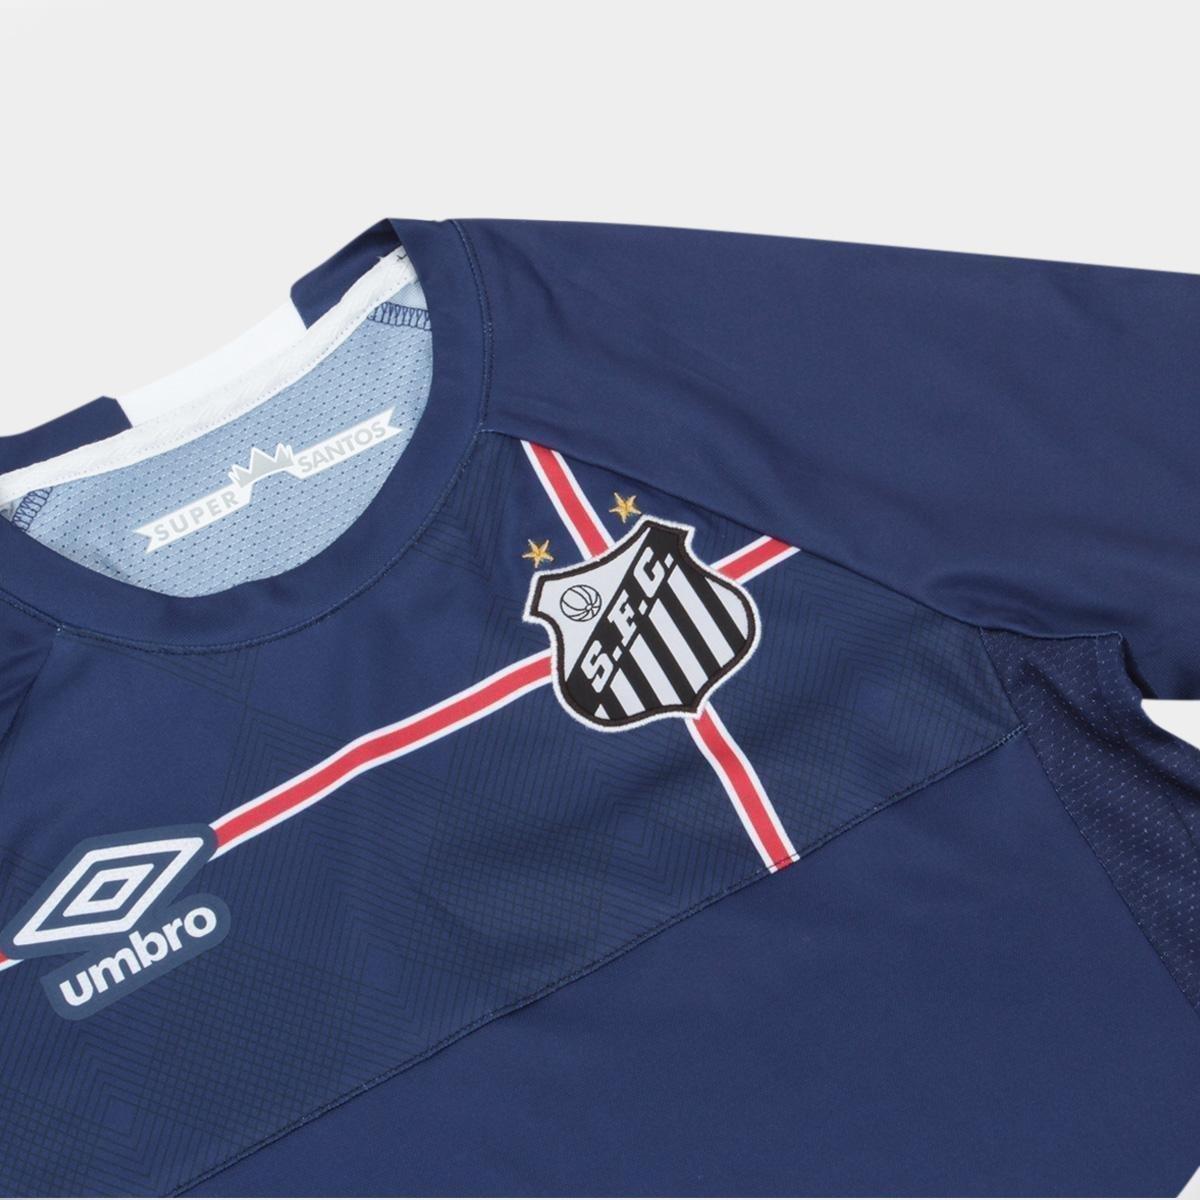 Marinho e Umbro Branco The s Santos 2018 n° Kingdom Camisa Infantil Torcedor q1zS7wv